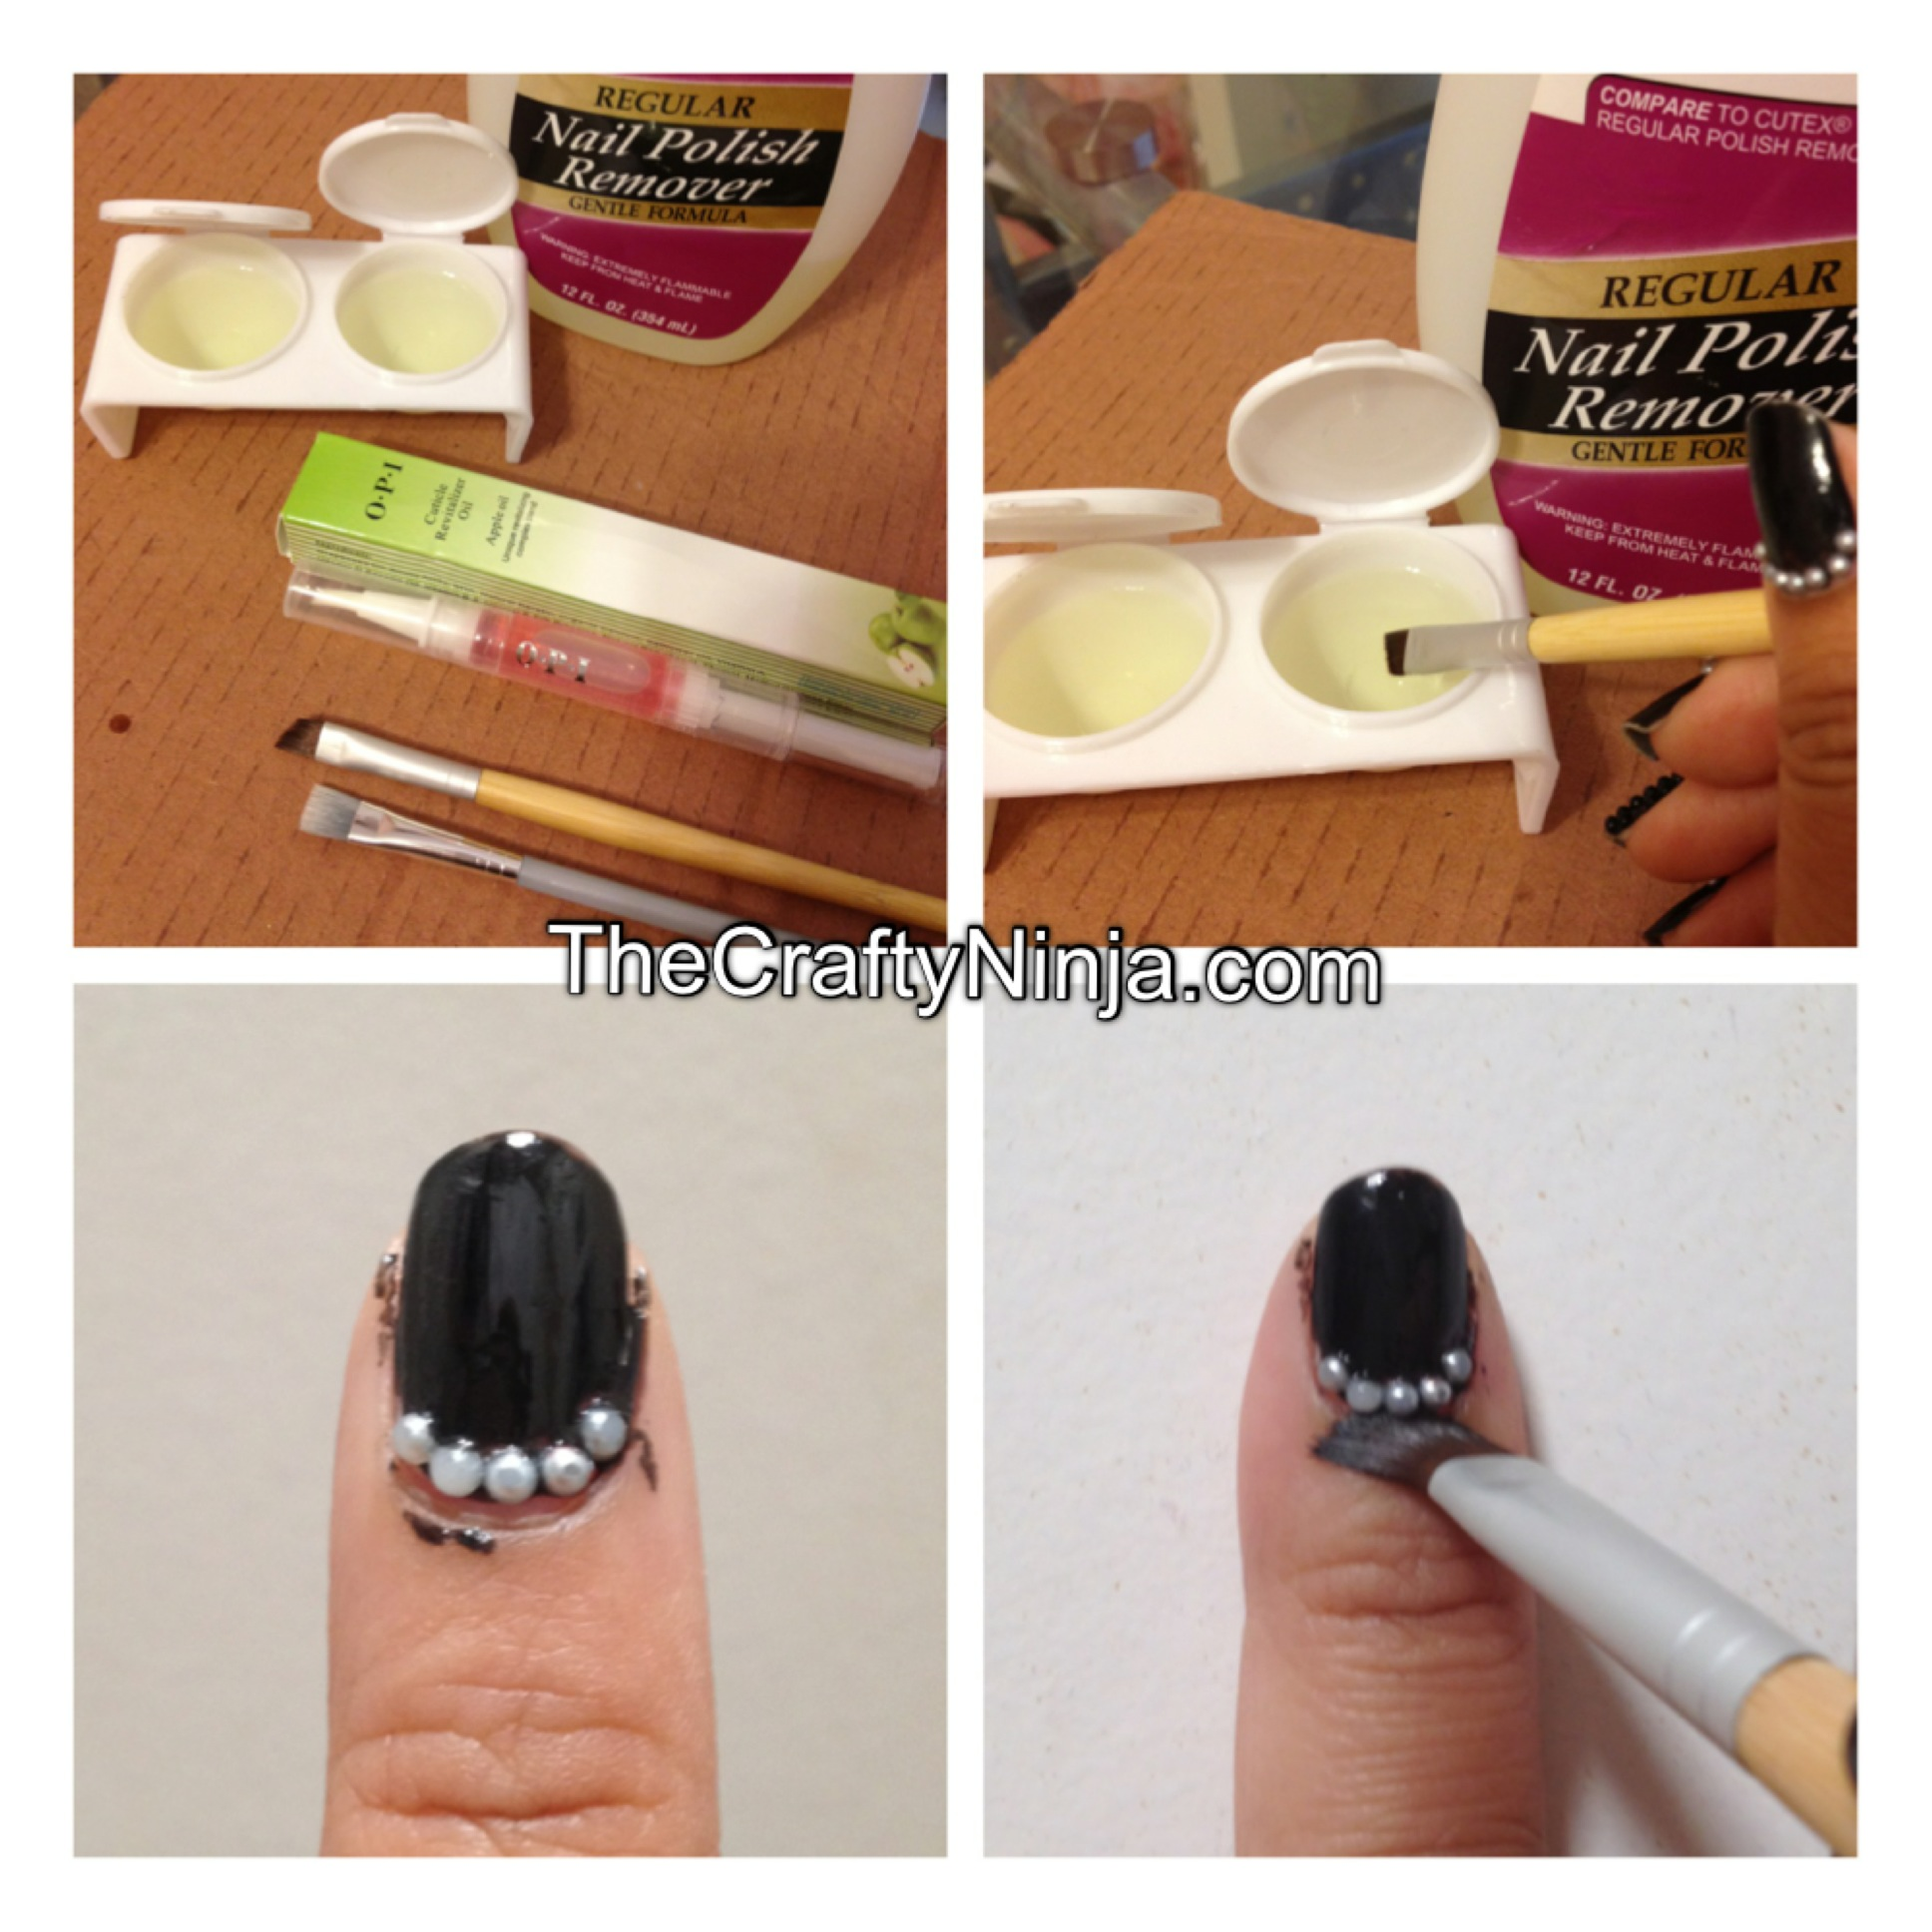 Clean Up Messy Nail Polish | The Crafty Ninja